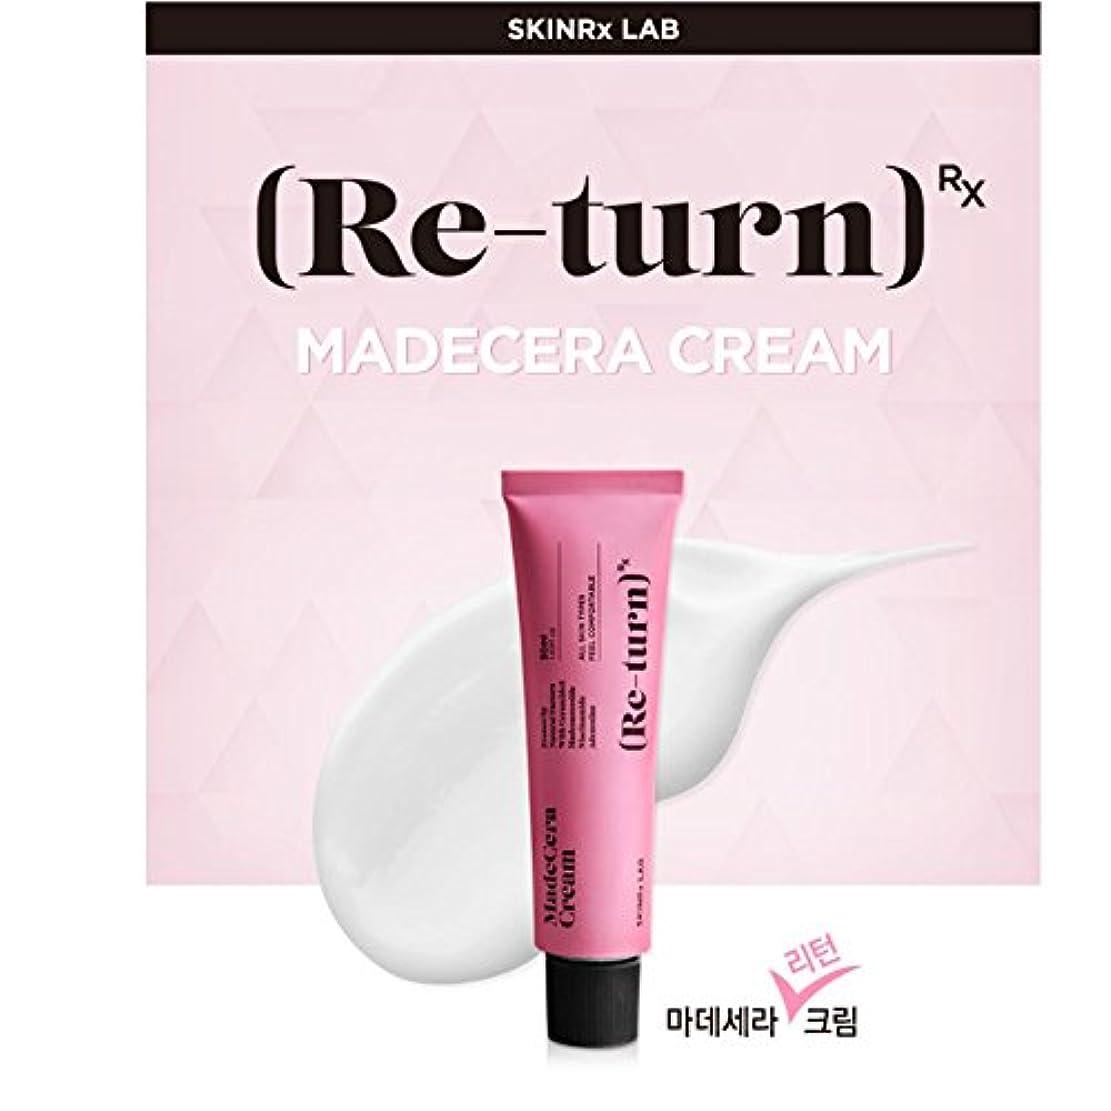 いつもゆりかご憂鬱スキンアルエクスラップ マデセラ リターン クリーム 50ml / SKINRxLAB MadeCera Re-turn Cream 50ml (1.69oz)